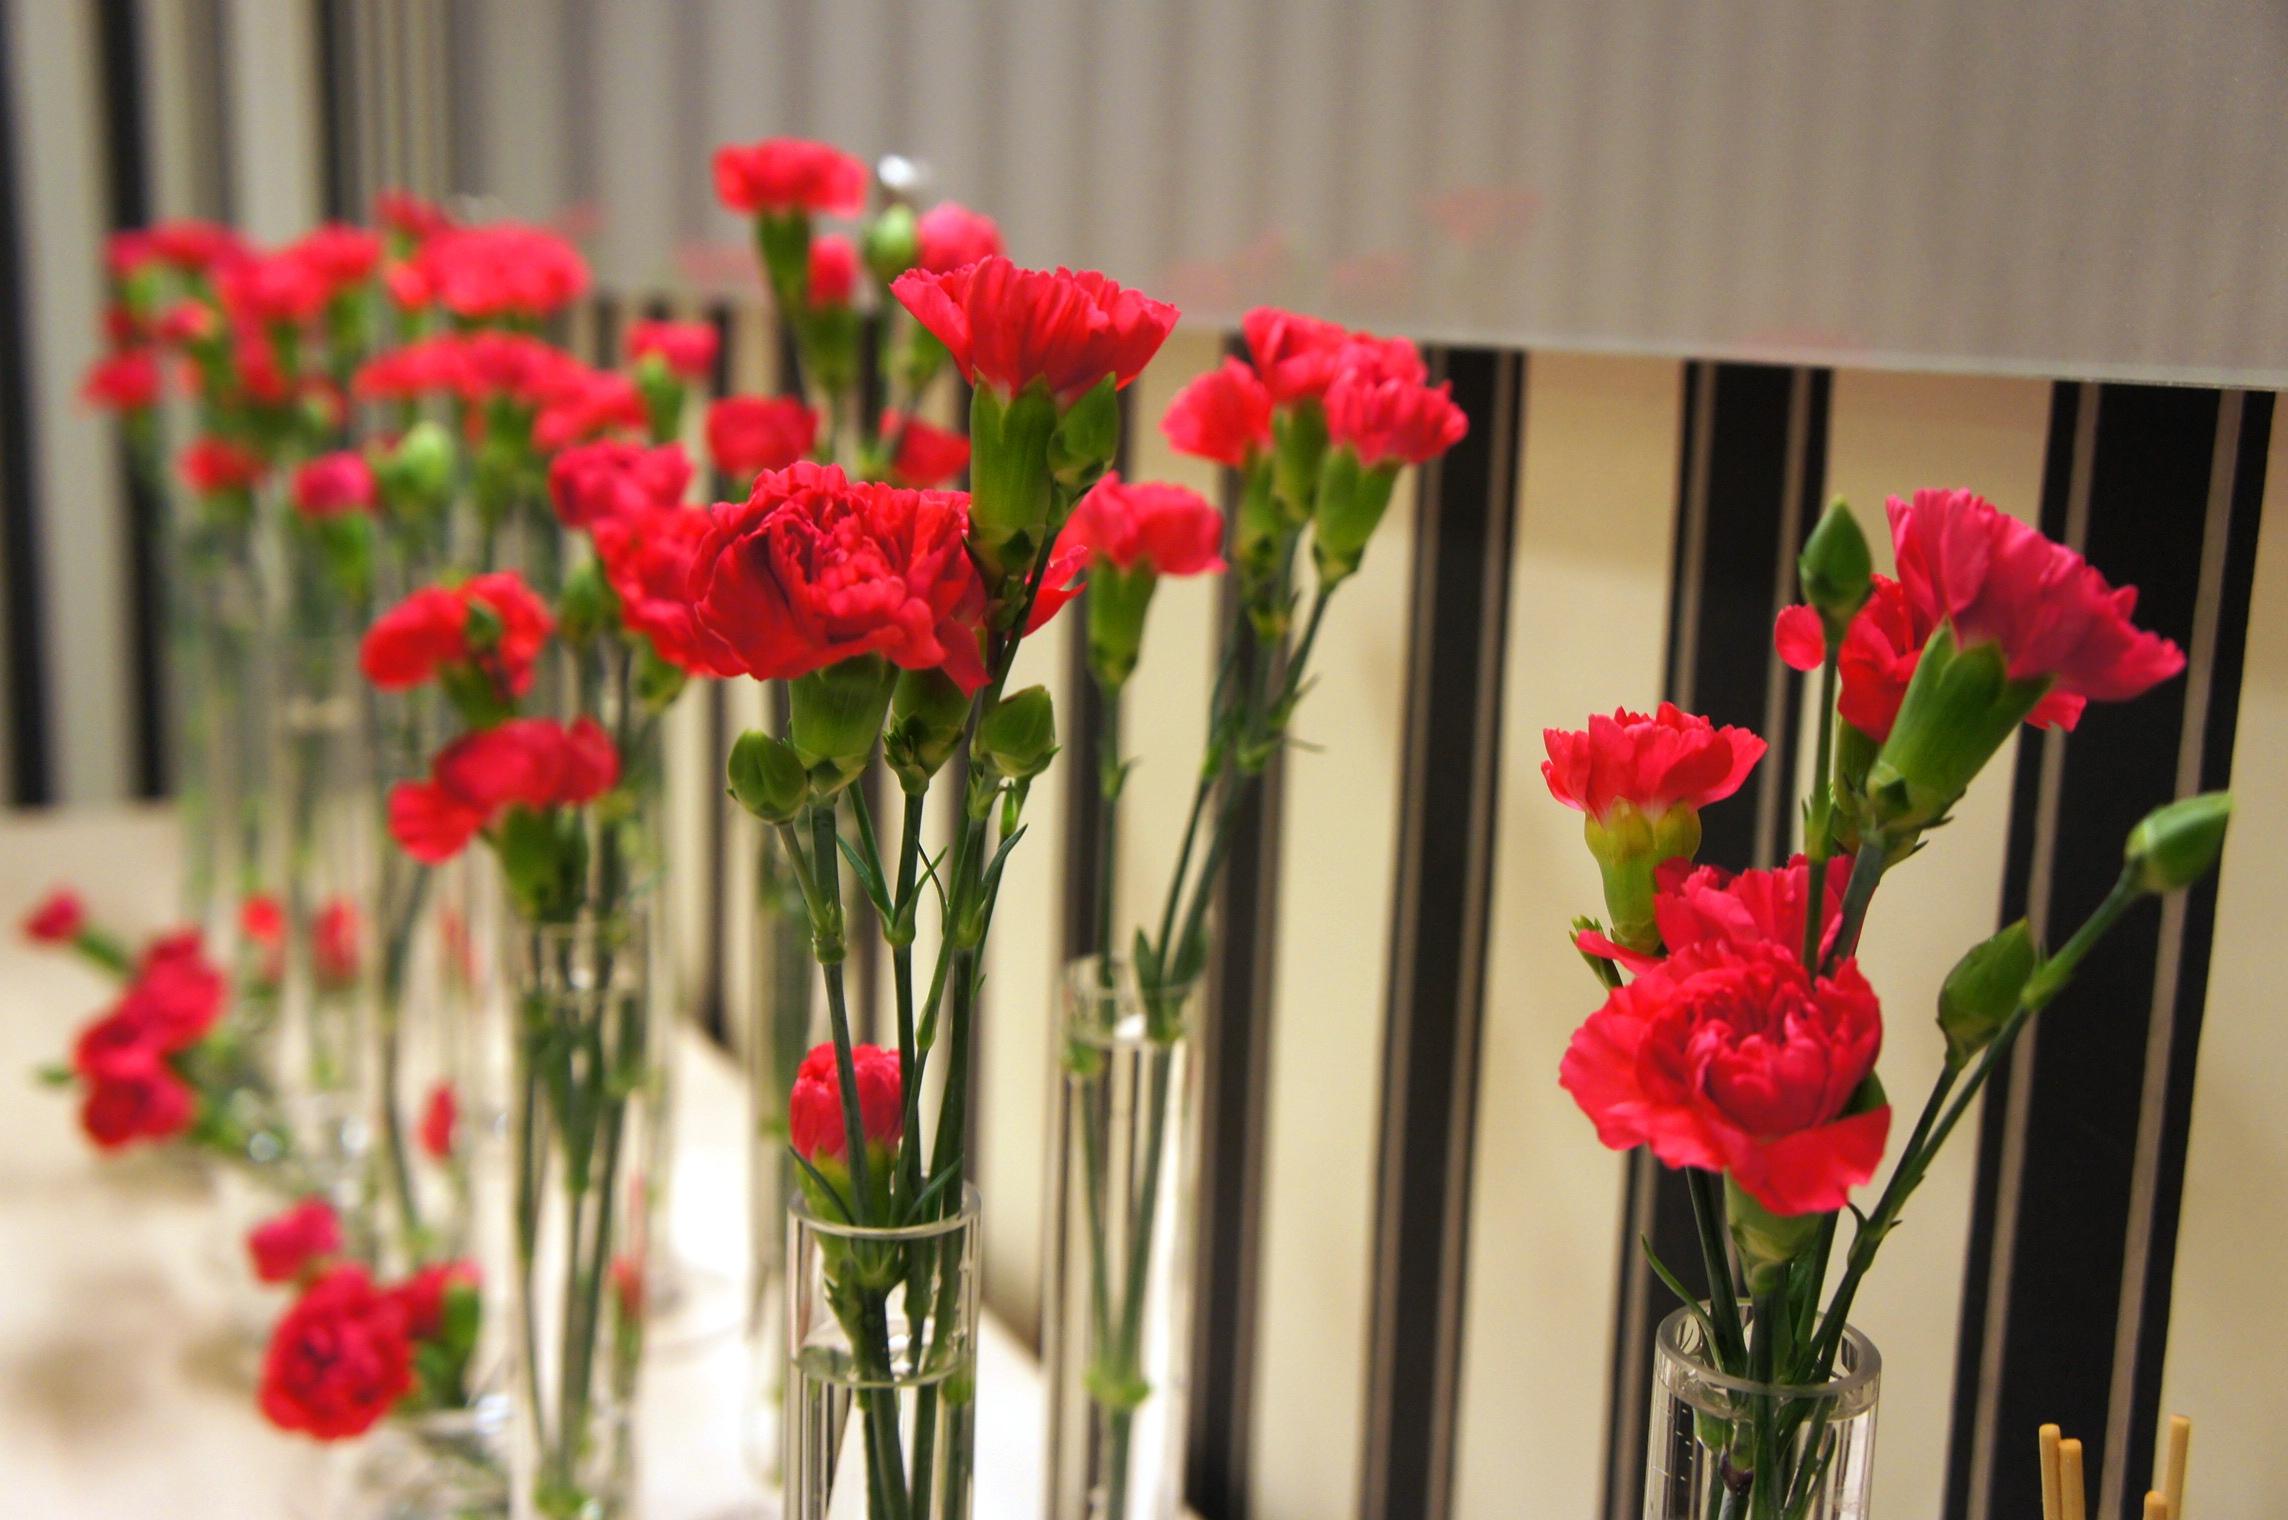 Goździki gałązkowe w szklanych menzurkach jako dekoracja recepcji